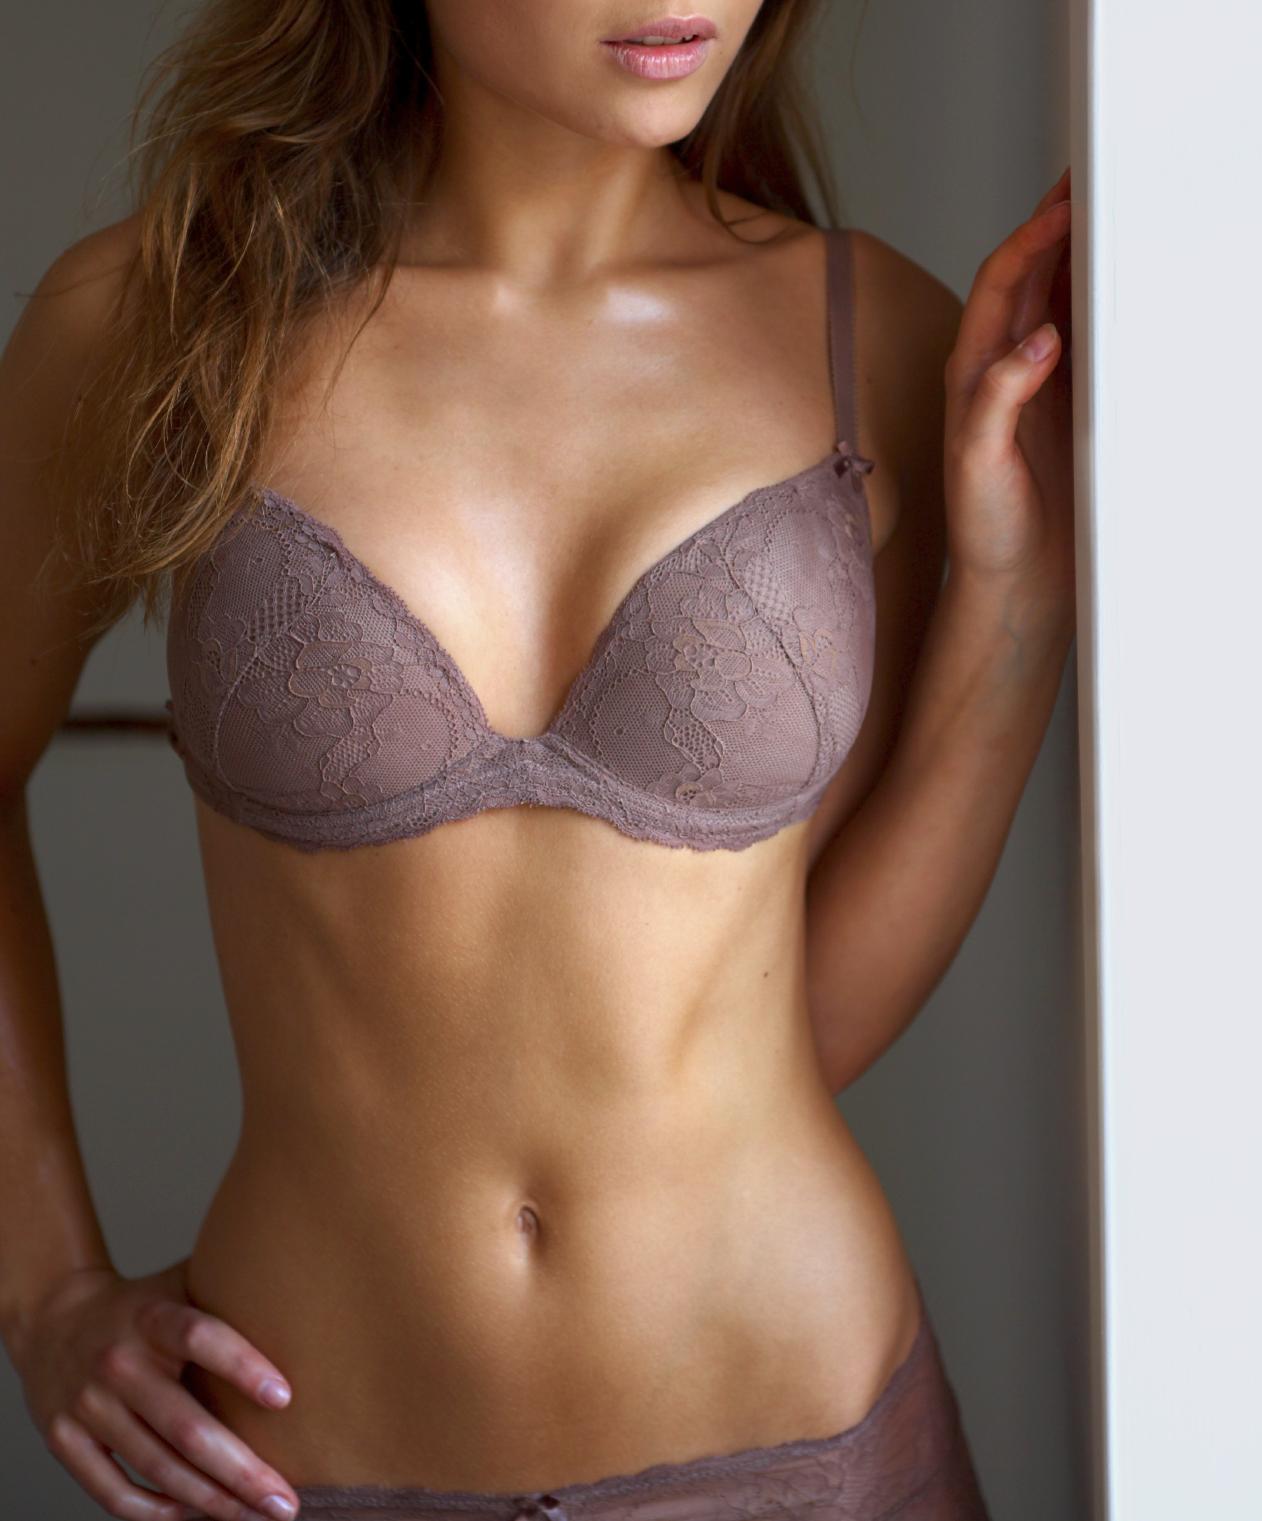 Фотографии женской груди третьего размера 23 фотография